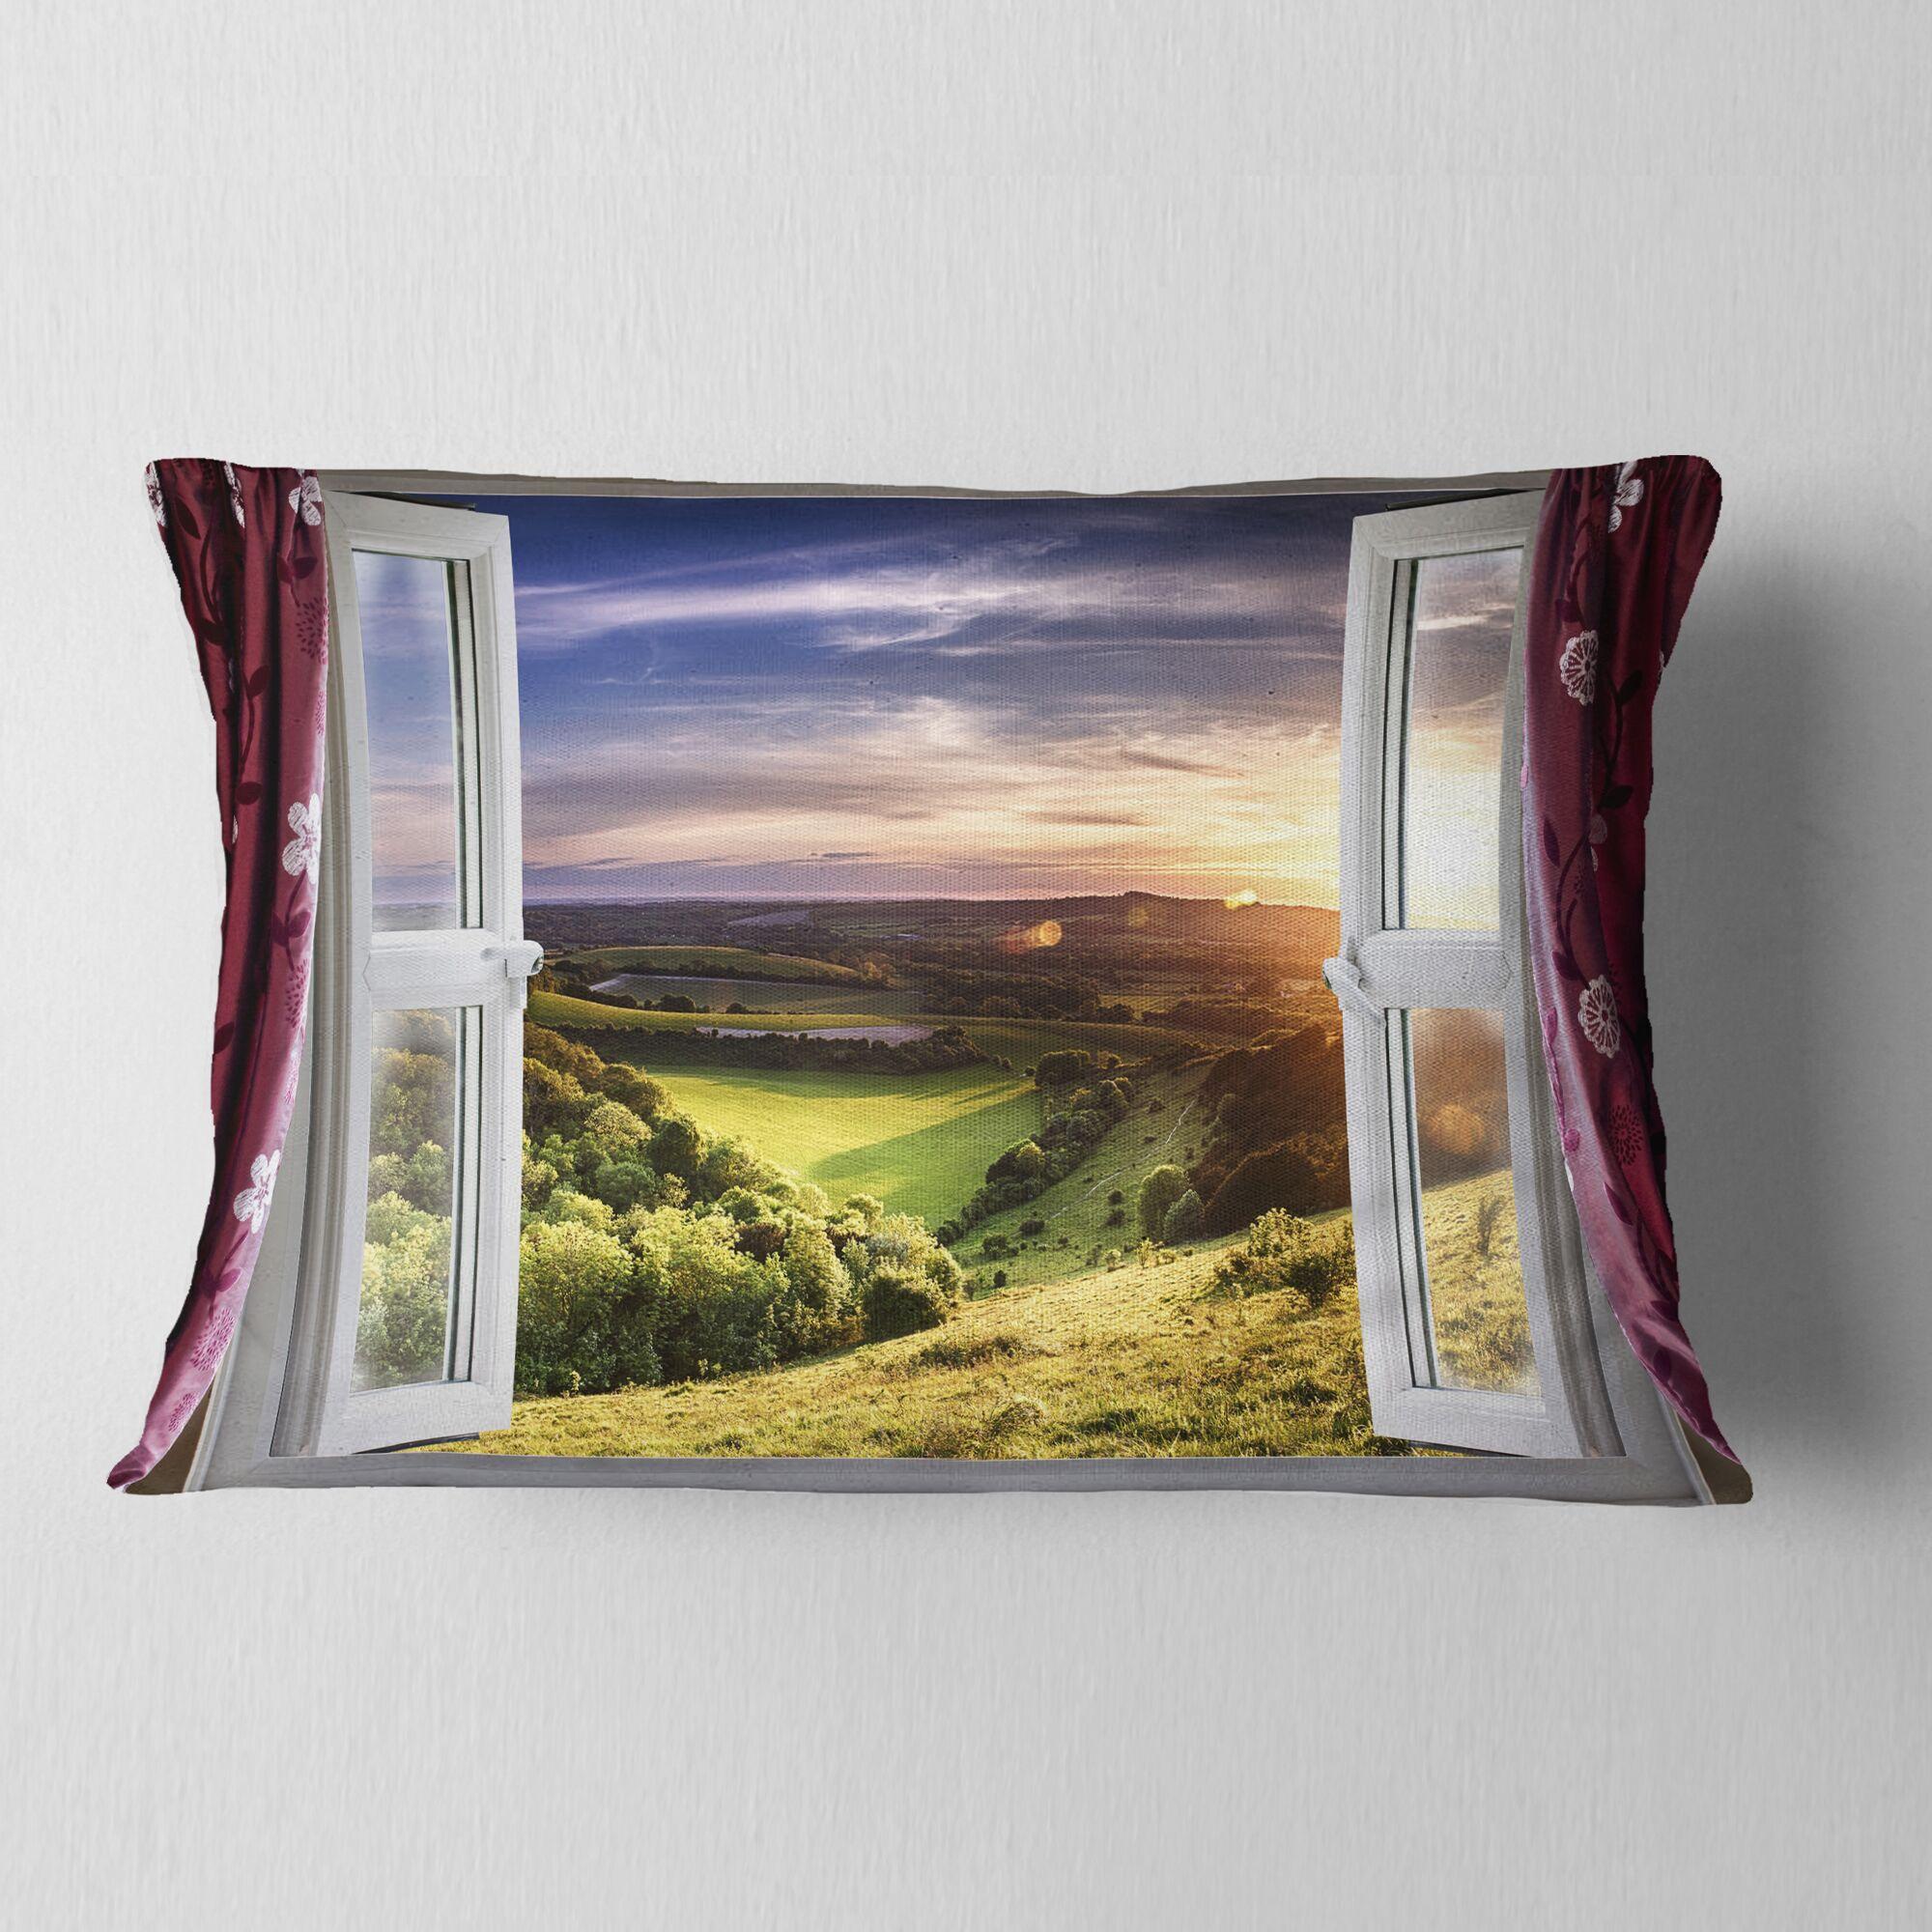 Landscape Window View Lumbar Pillow